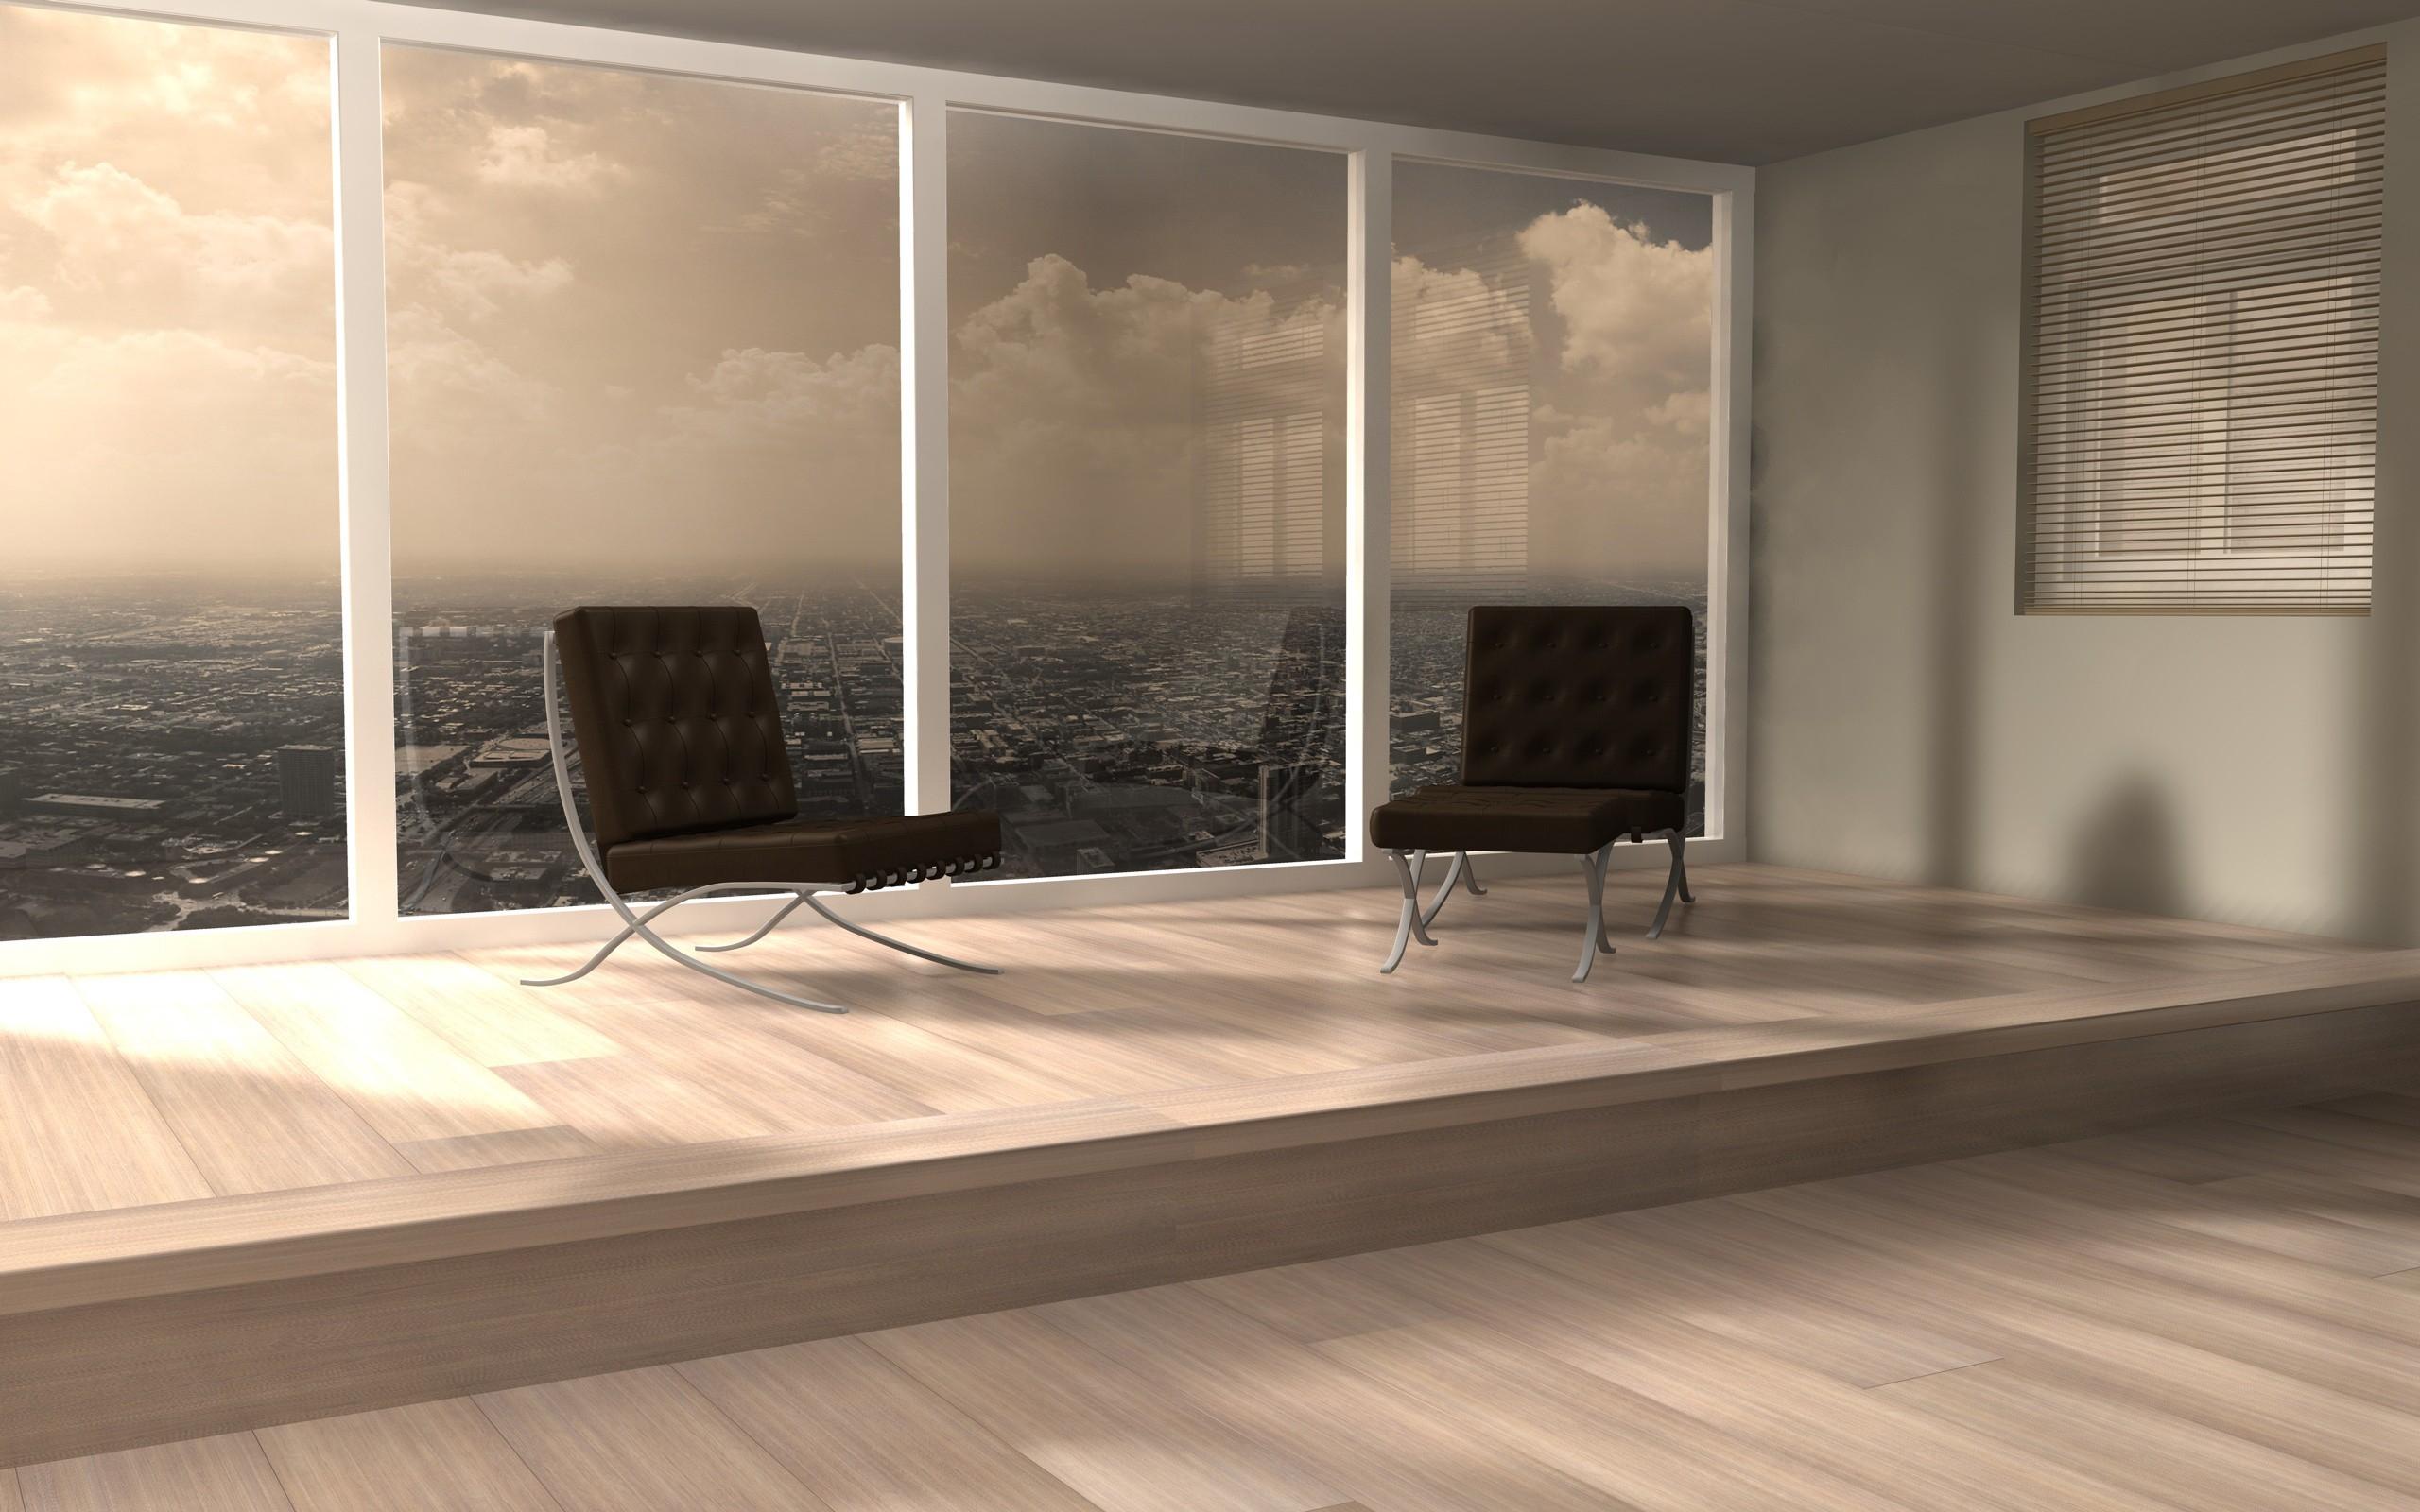 Fondos de pantalla habitaci n interior mesa silla for Suelos madera interior